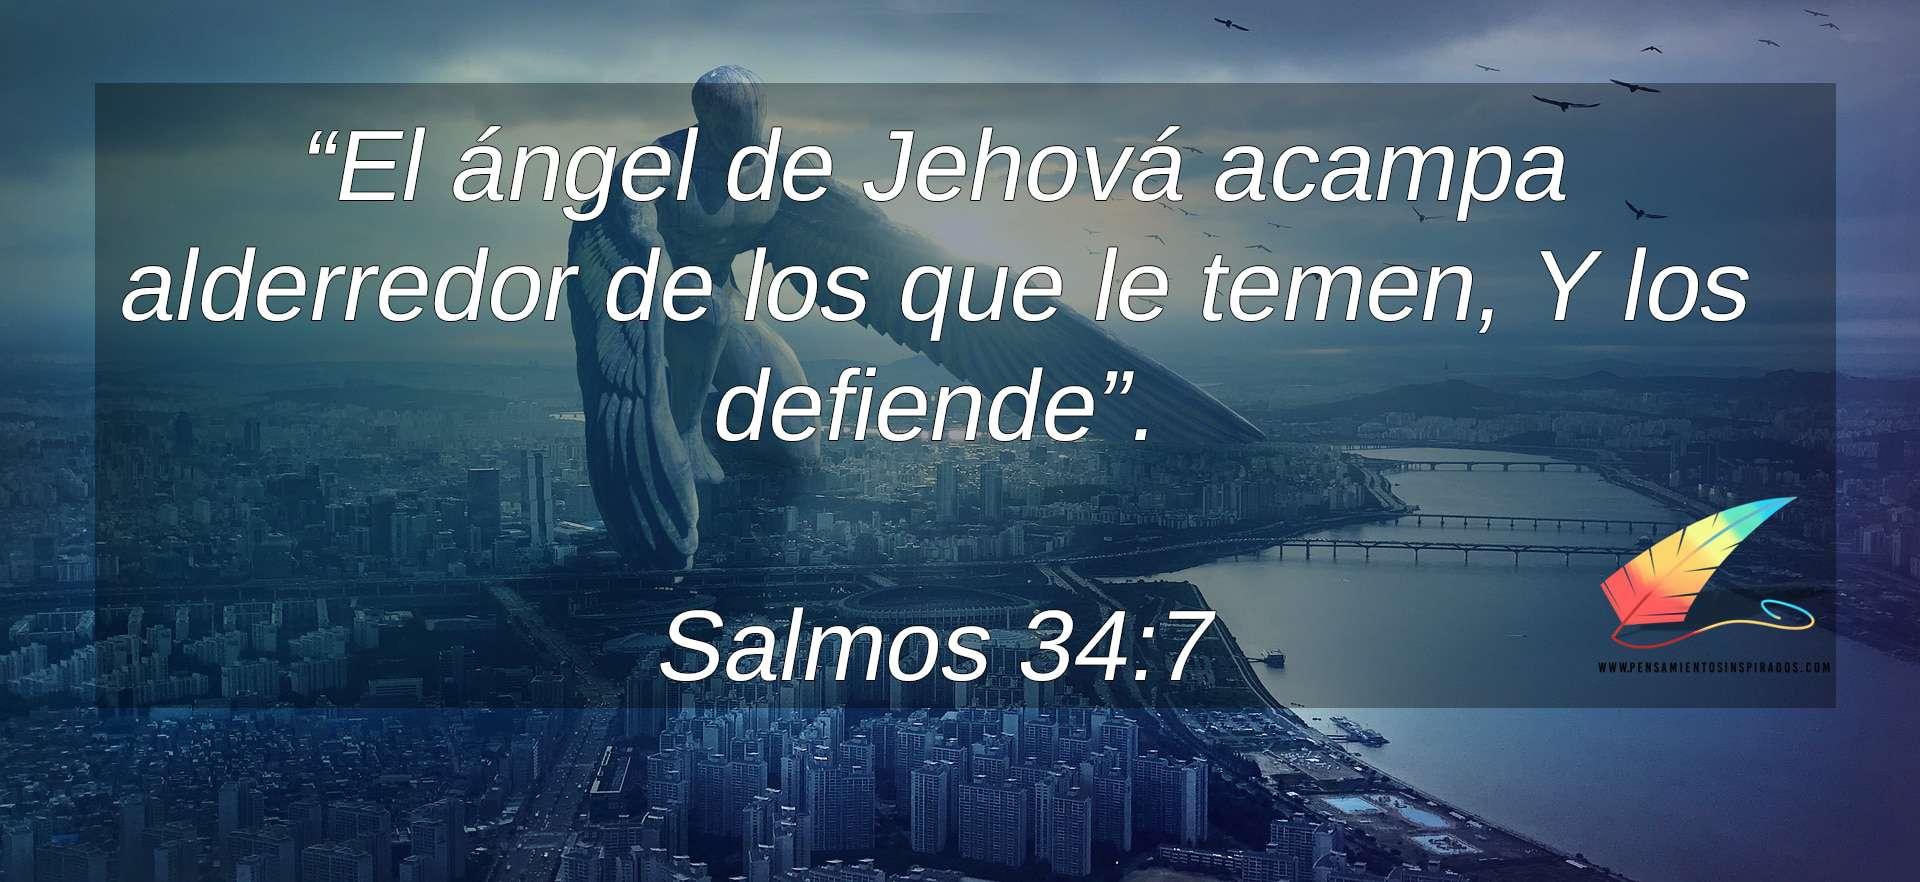 40 Salmos Cortos En La Biblia Pensamientosinspiradoscom